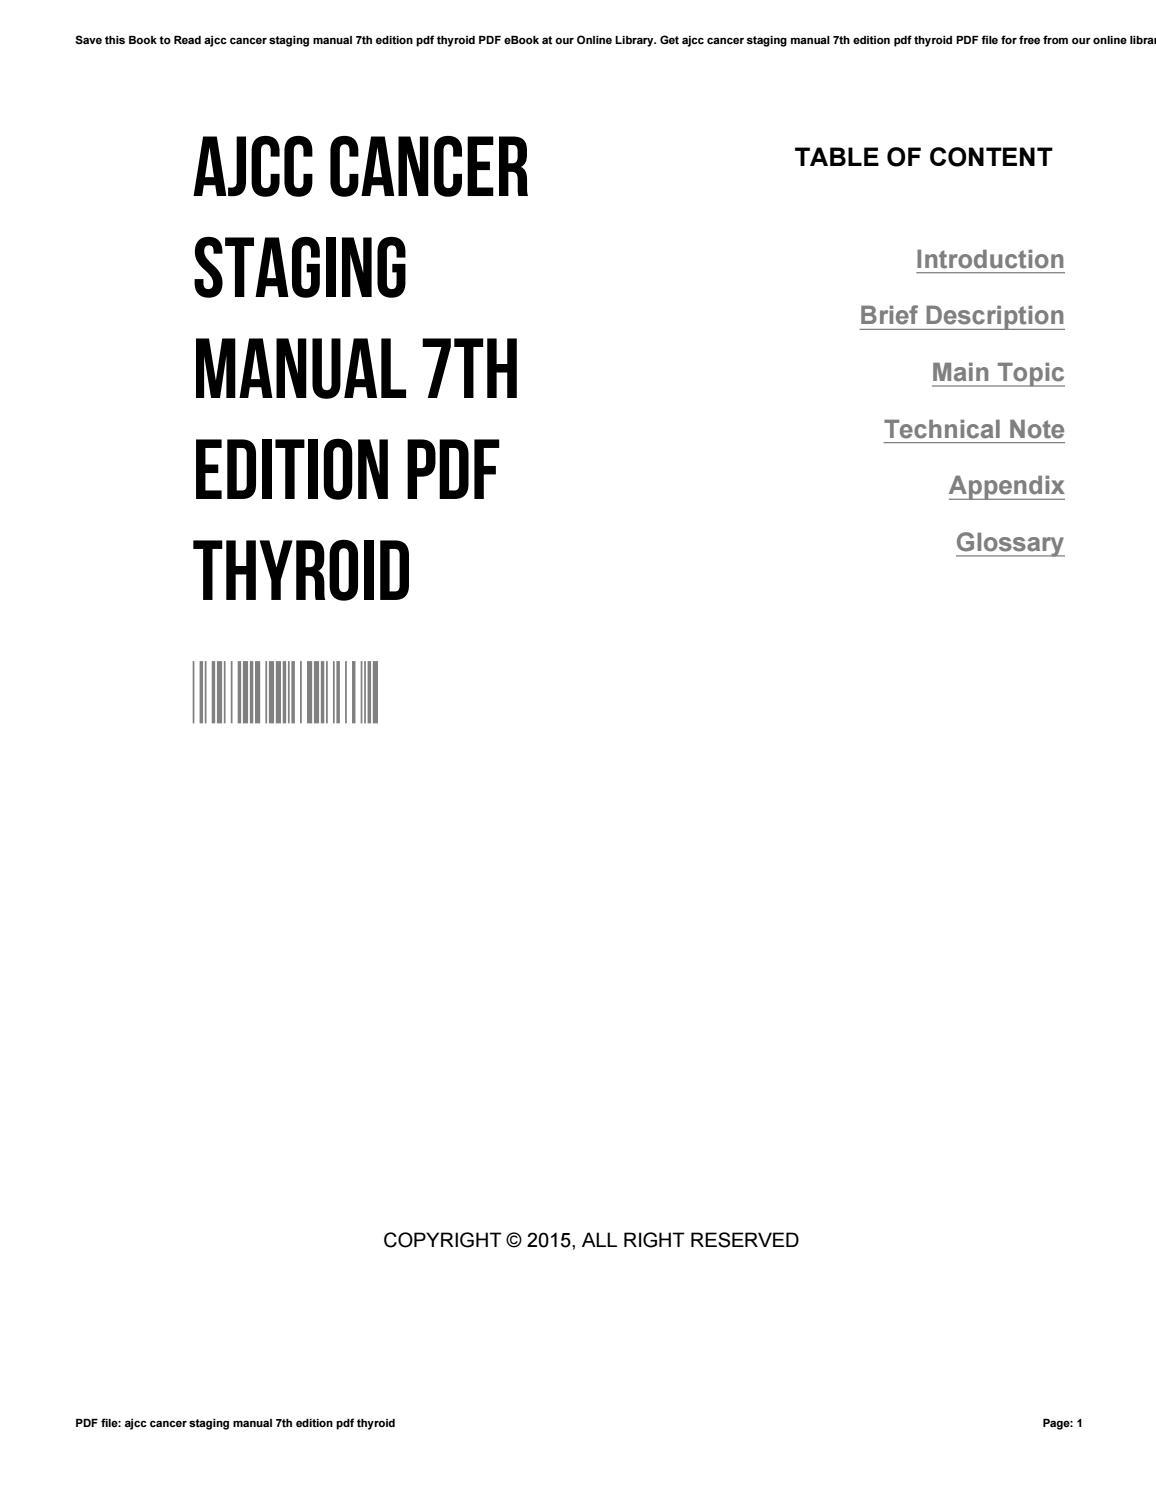 Ajcc cancer staging manual 7th edition pdf thyroid by